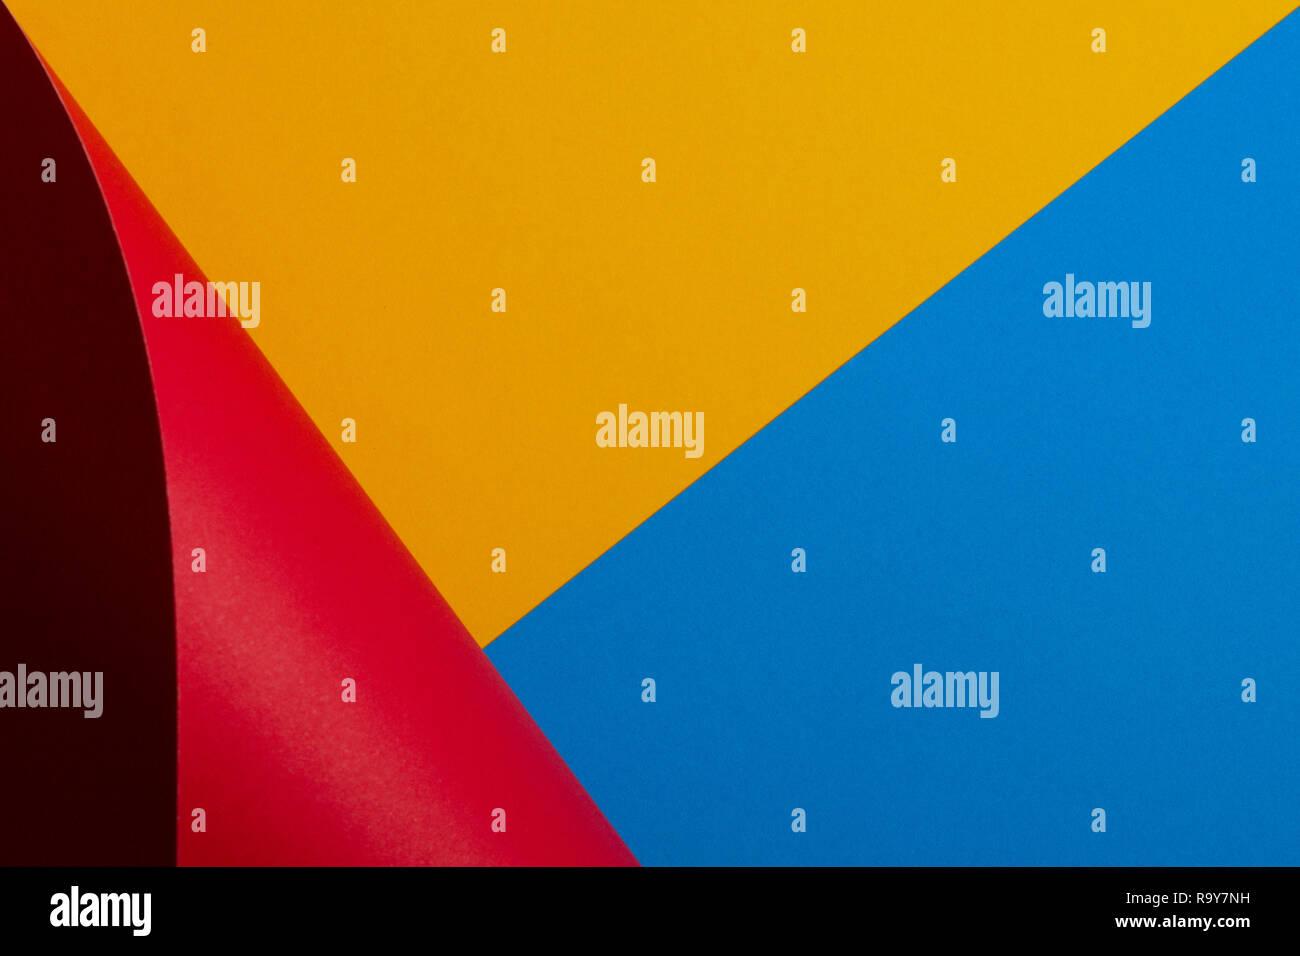 Fondo De Pantalla Abstracto Bolas Azules: Fondo Azul Cuadros Abstractos